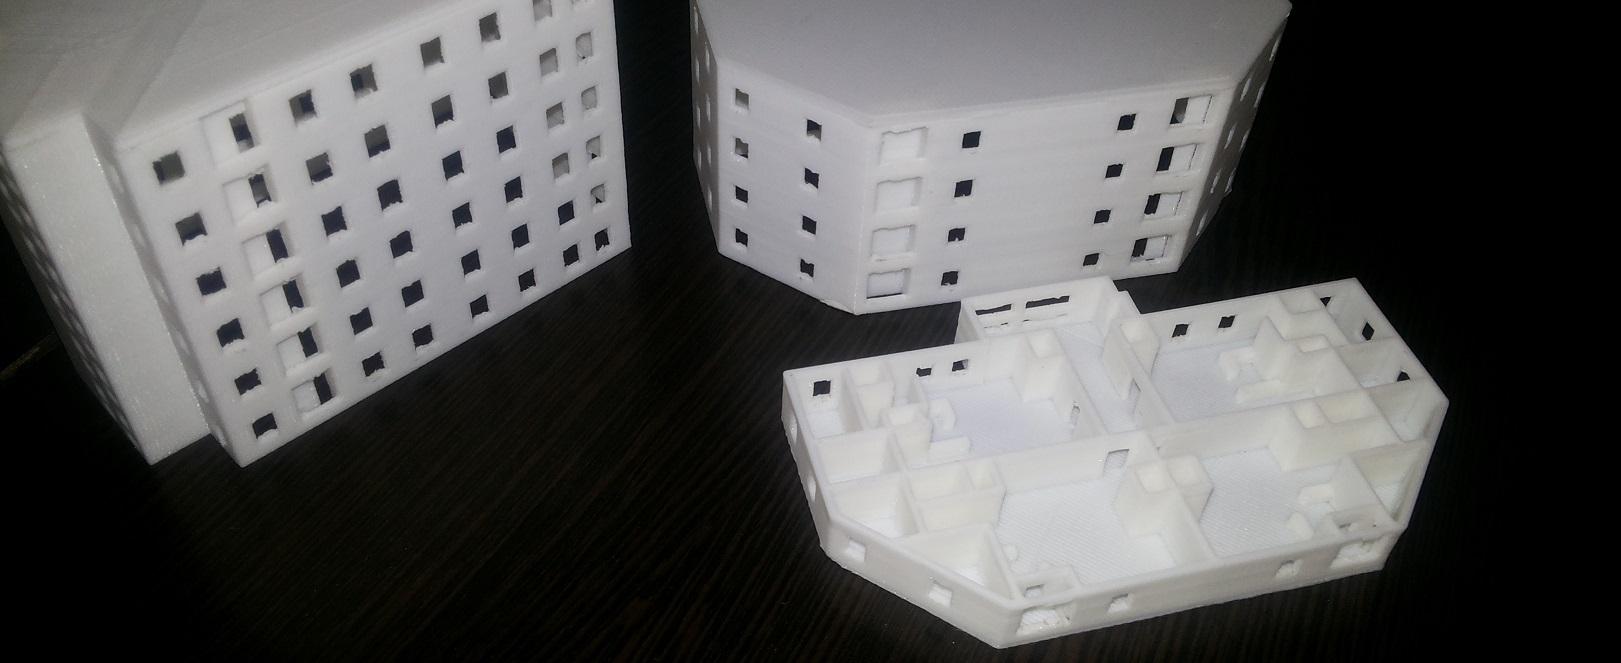 پرینتر 3 بعدی در حال چیدن لایه ABS